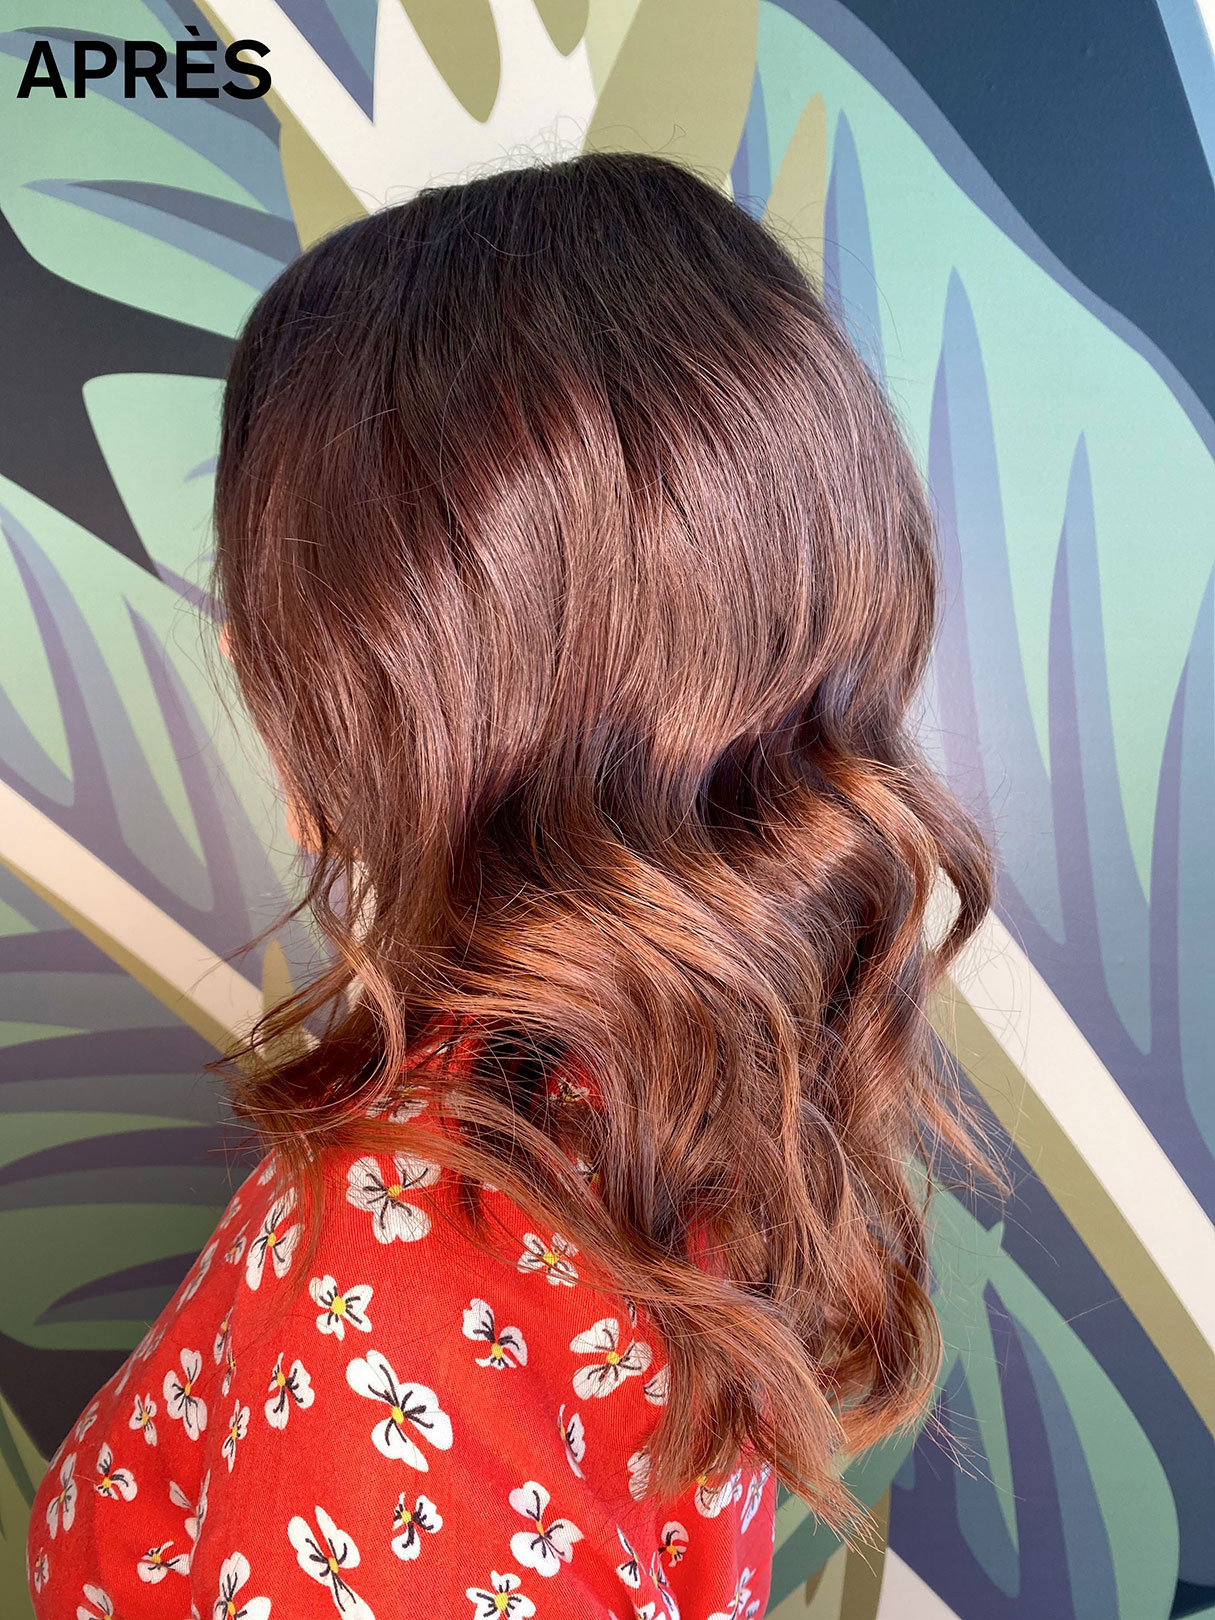 Une femme à Maison Bis avec après réalisation d'un ombré hair par un coiffeur de Maison Bis Nantes